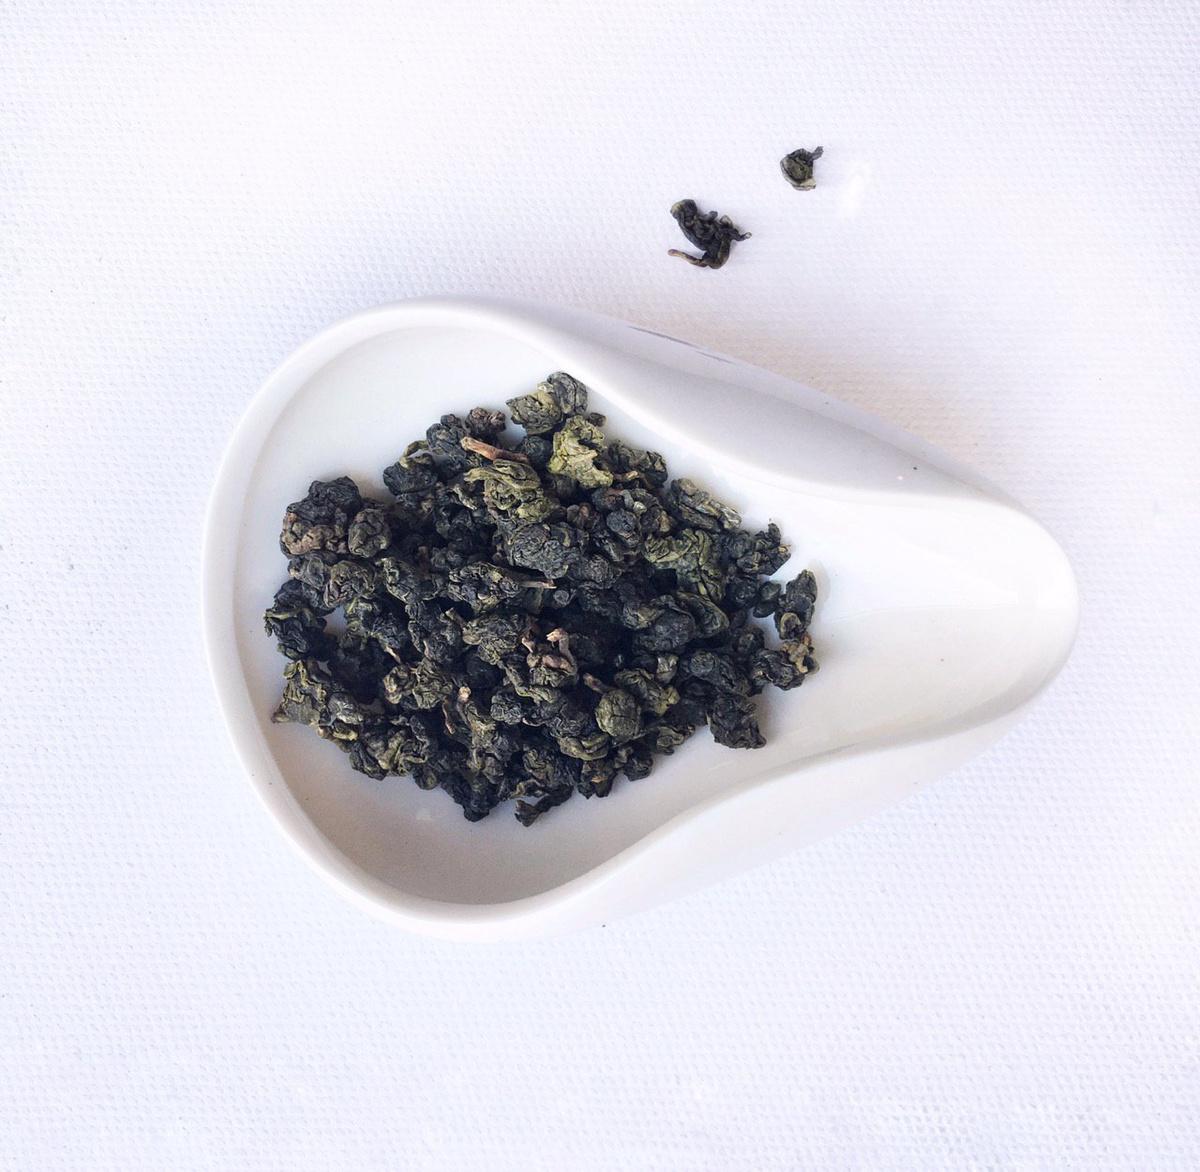 Молочный Улун (Оолонг) Настоящий Китайский Листовой Зеленый Чай Чайные облака (Чай Из Китайских Заповедников, #1